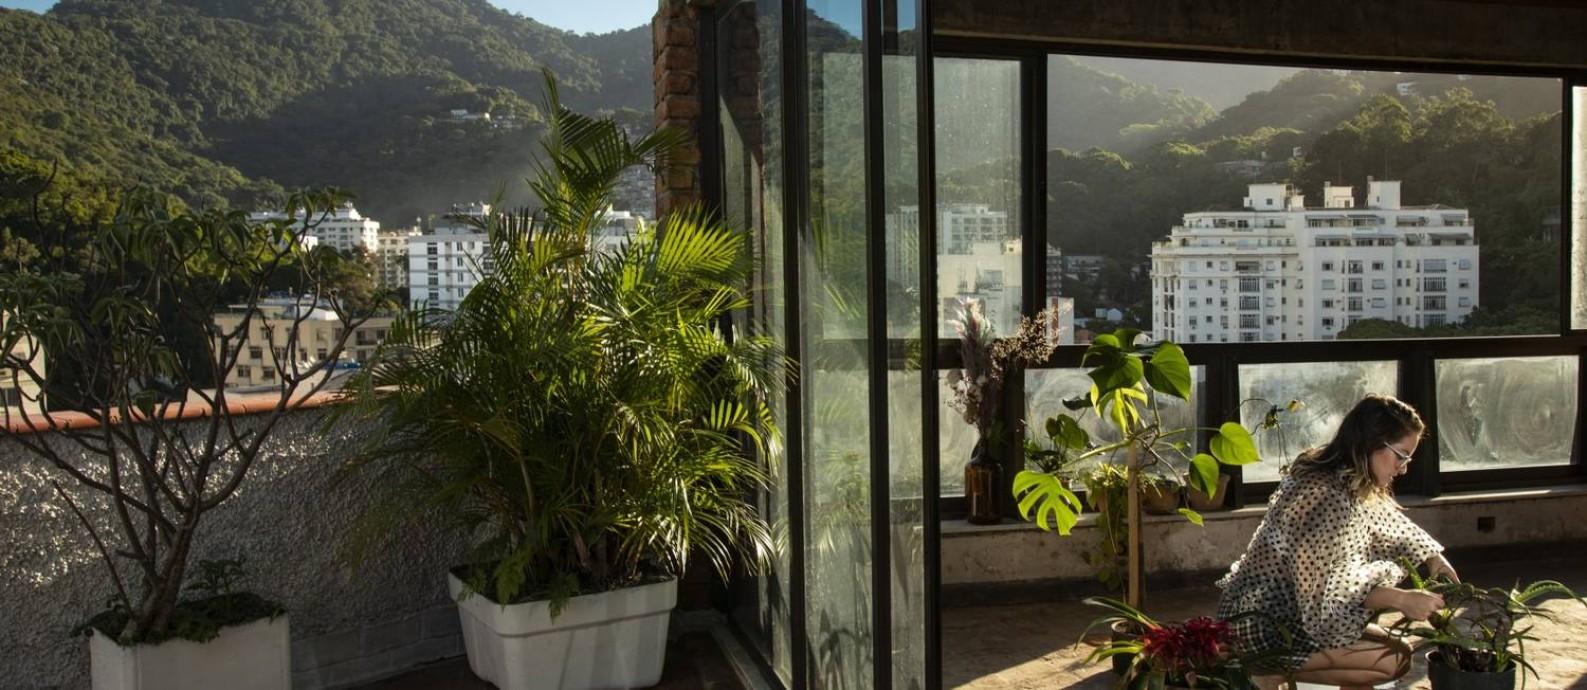 'A presença de seres vivos à minha volta é mais importante do que ter um monte de panelas e copos', diz Bia Foto: Ana Branco / Agência O Globo